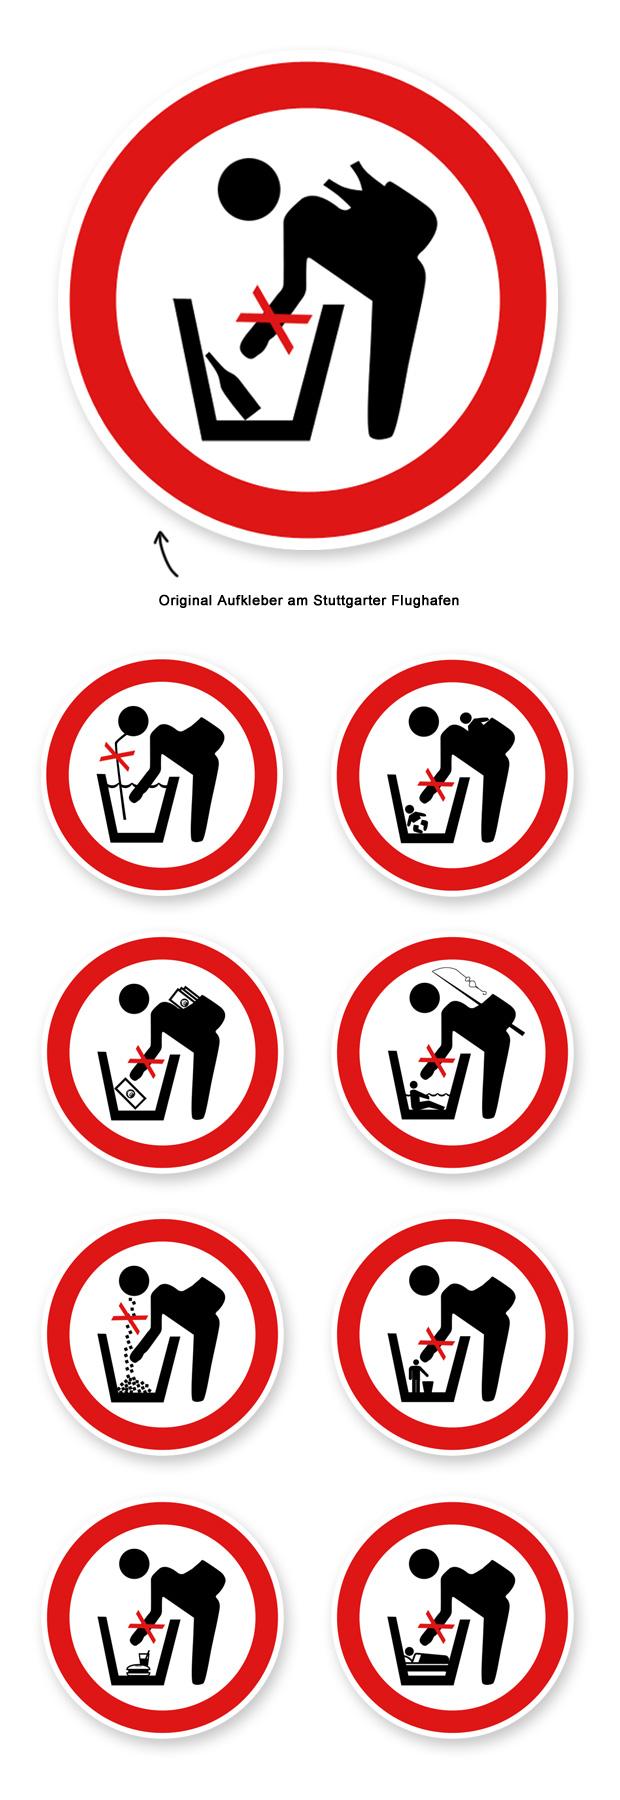 Neue Aufkleber für den Flughafen Stuttgart - Alternativen zu Pfandflaschen sammeln verboten